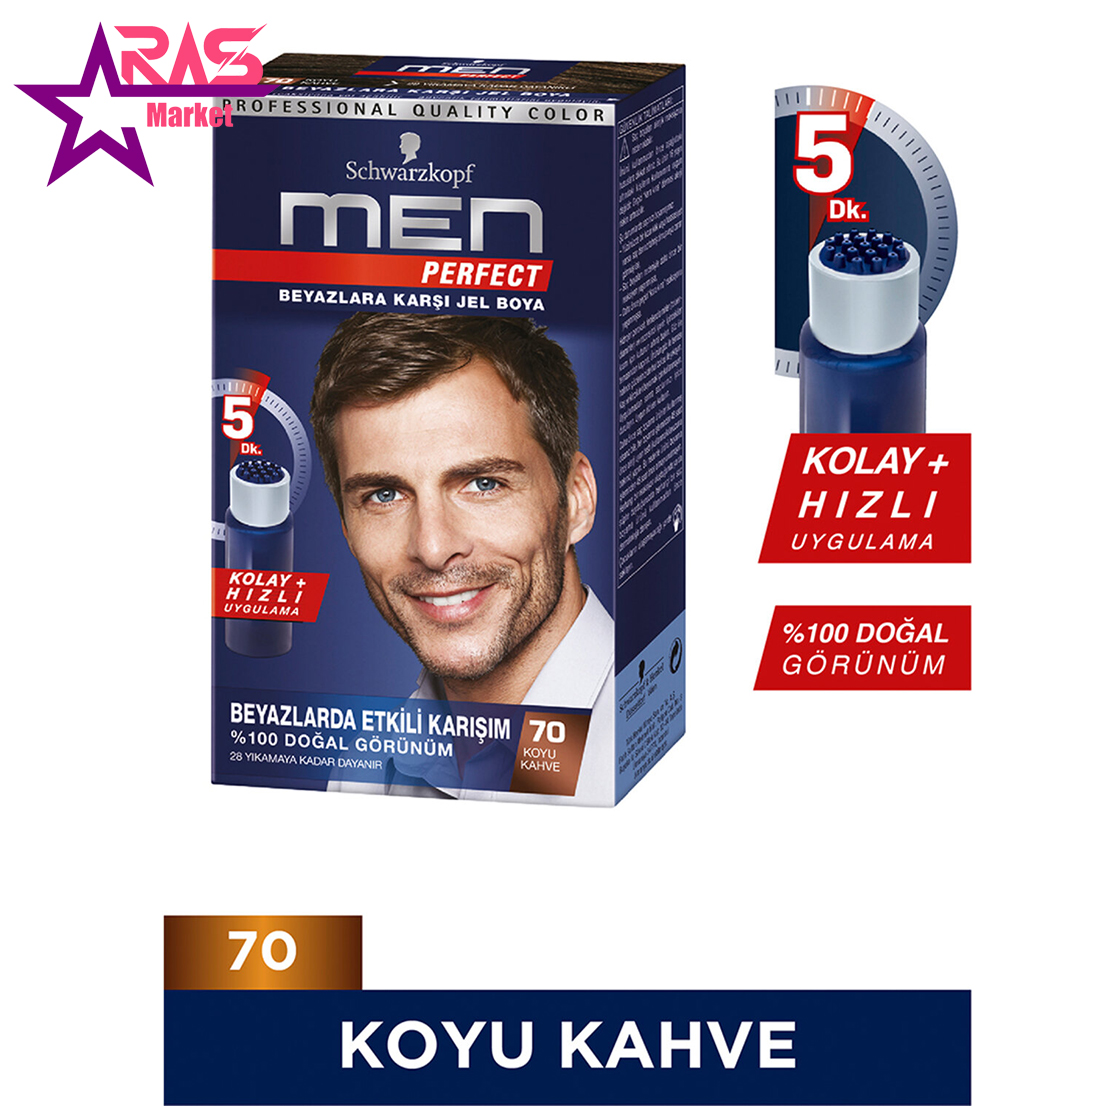 کیت رنگ مو مردانه Men Perfect شماره 70 ، فروشگاه اینترنتی ارس مارکت ، بهداشت آقایان